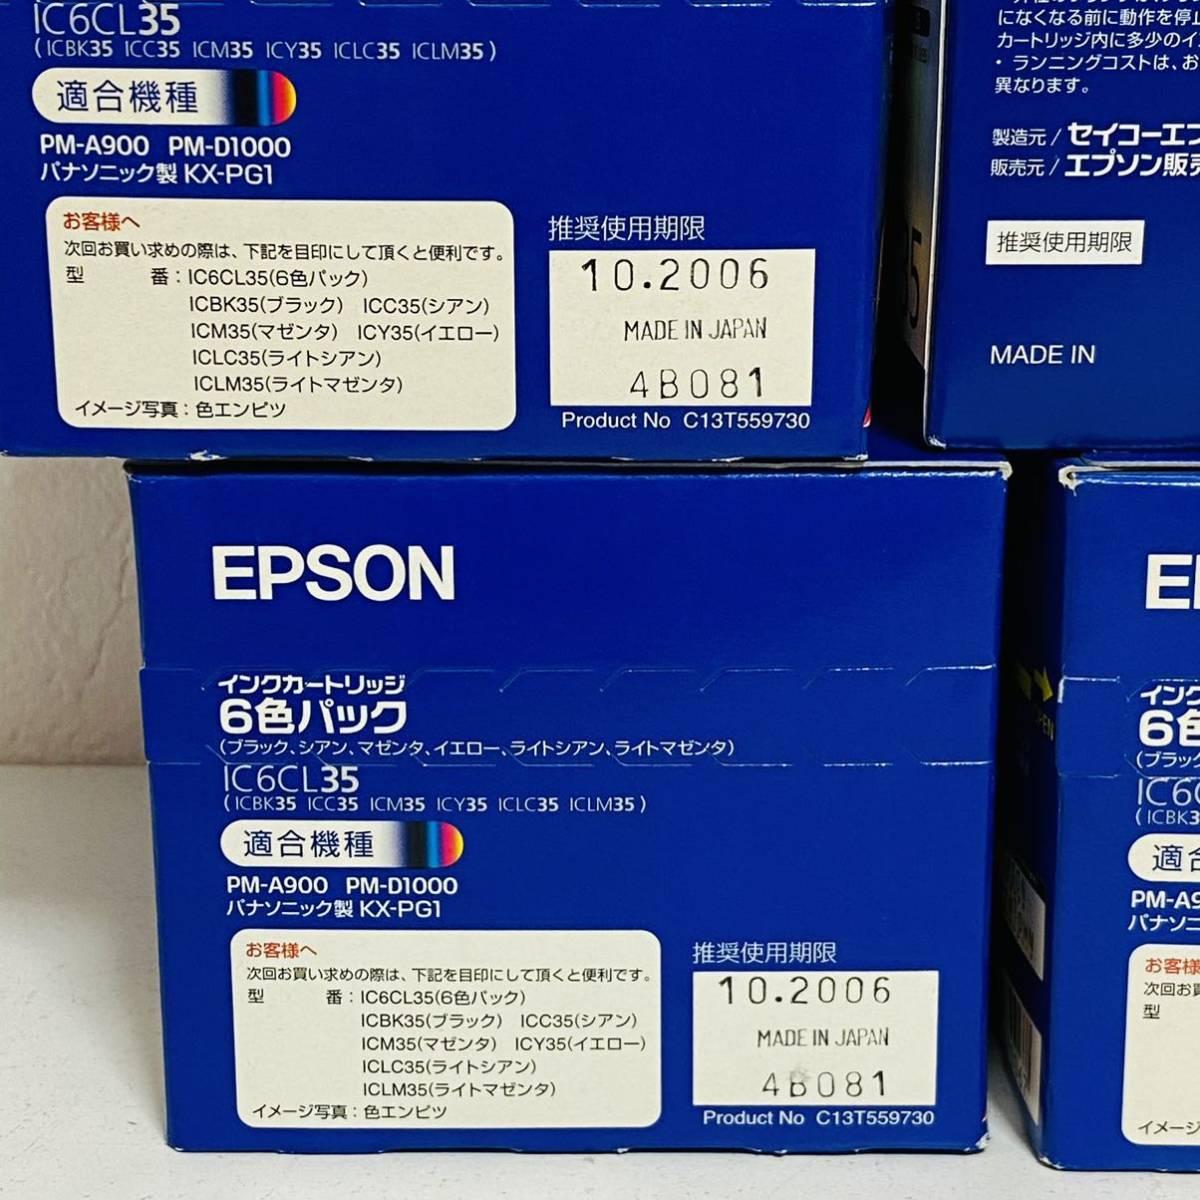 【未開封品】EPSON エプソン 純正インクカートリッジ IC6CL35 6色パック 計6個セット 期限切れ_画像3